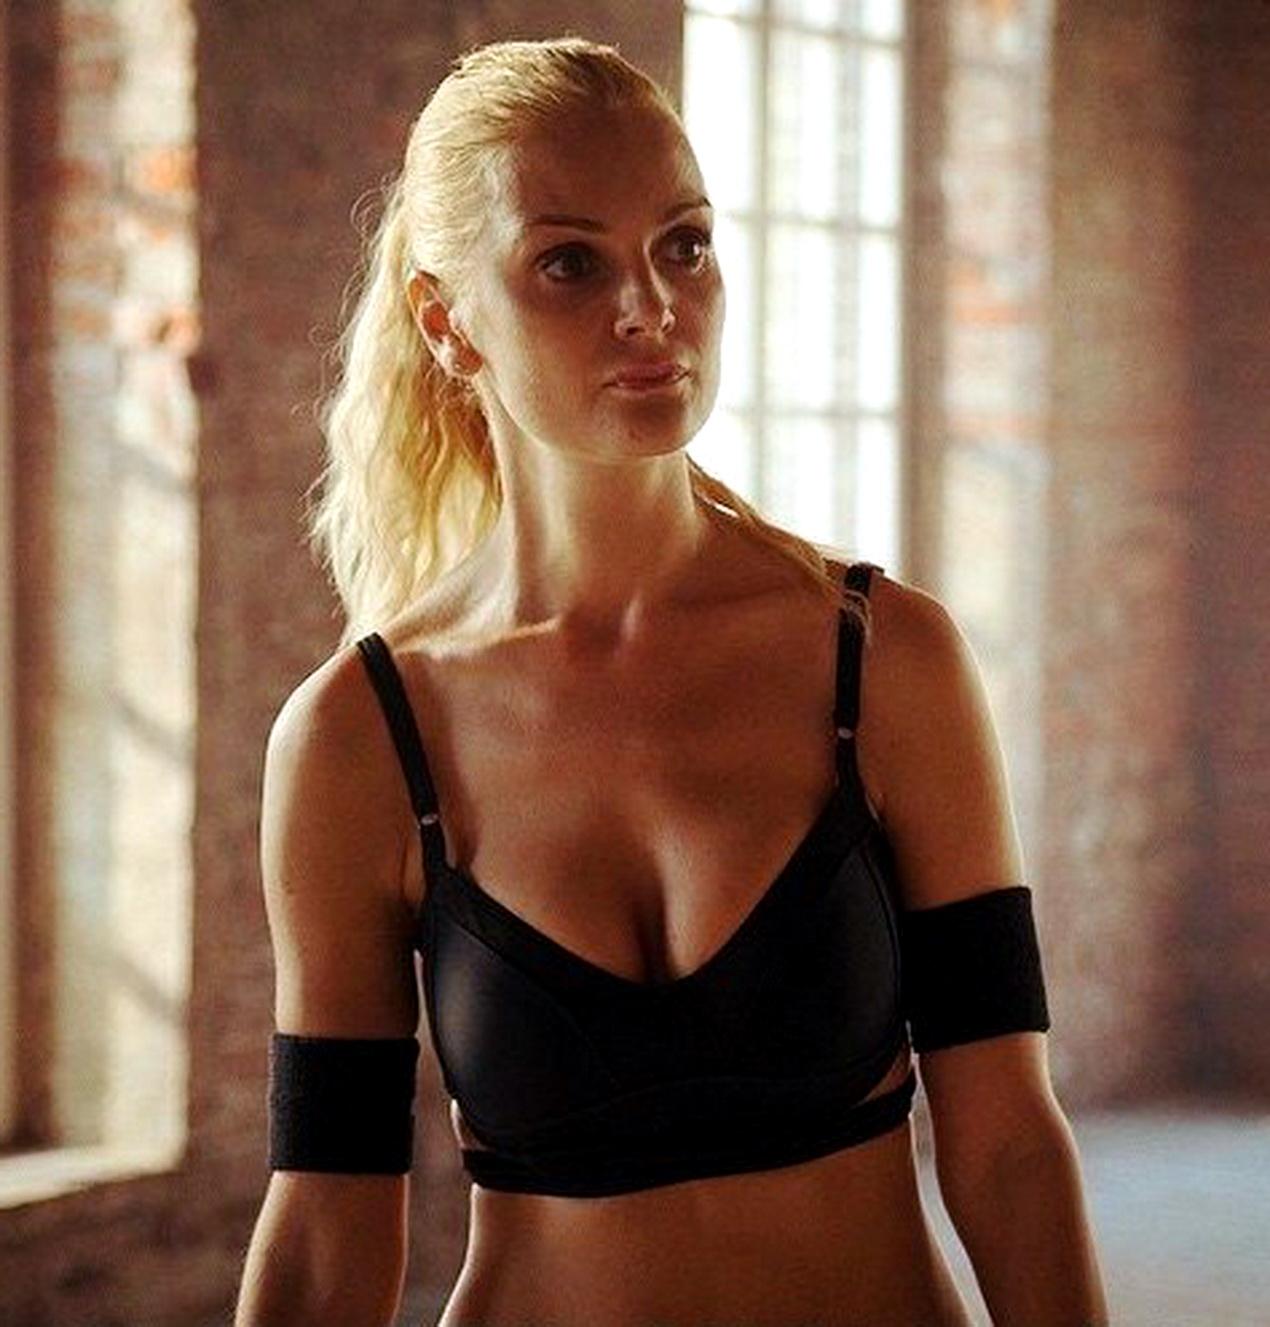 Екатерина мельник секс фото